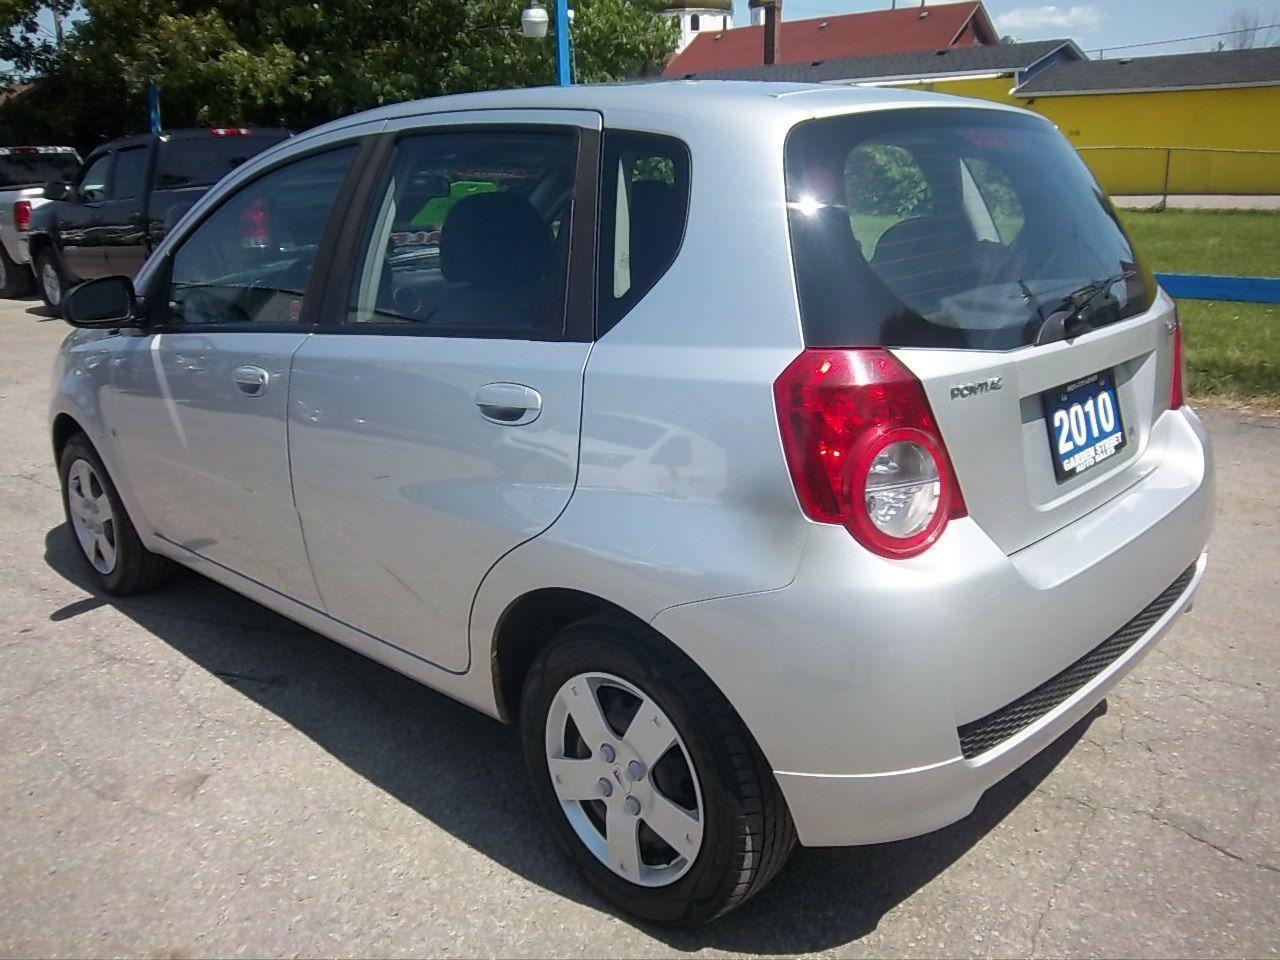 2010 Pontiac G3